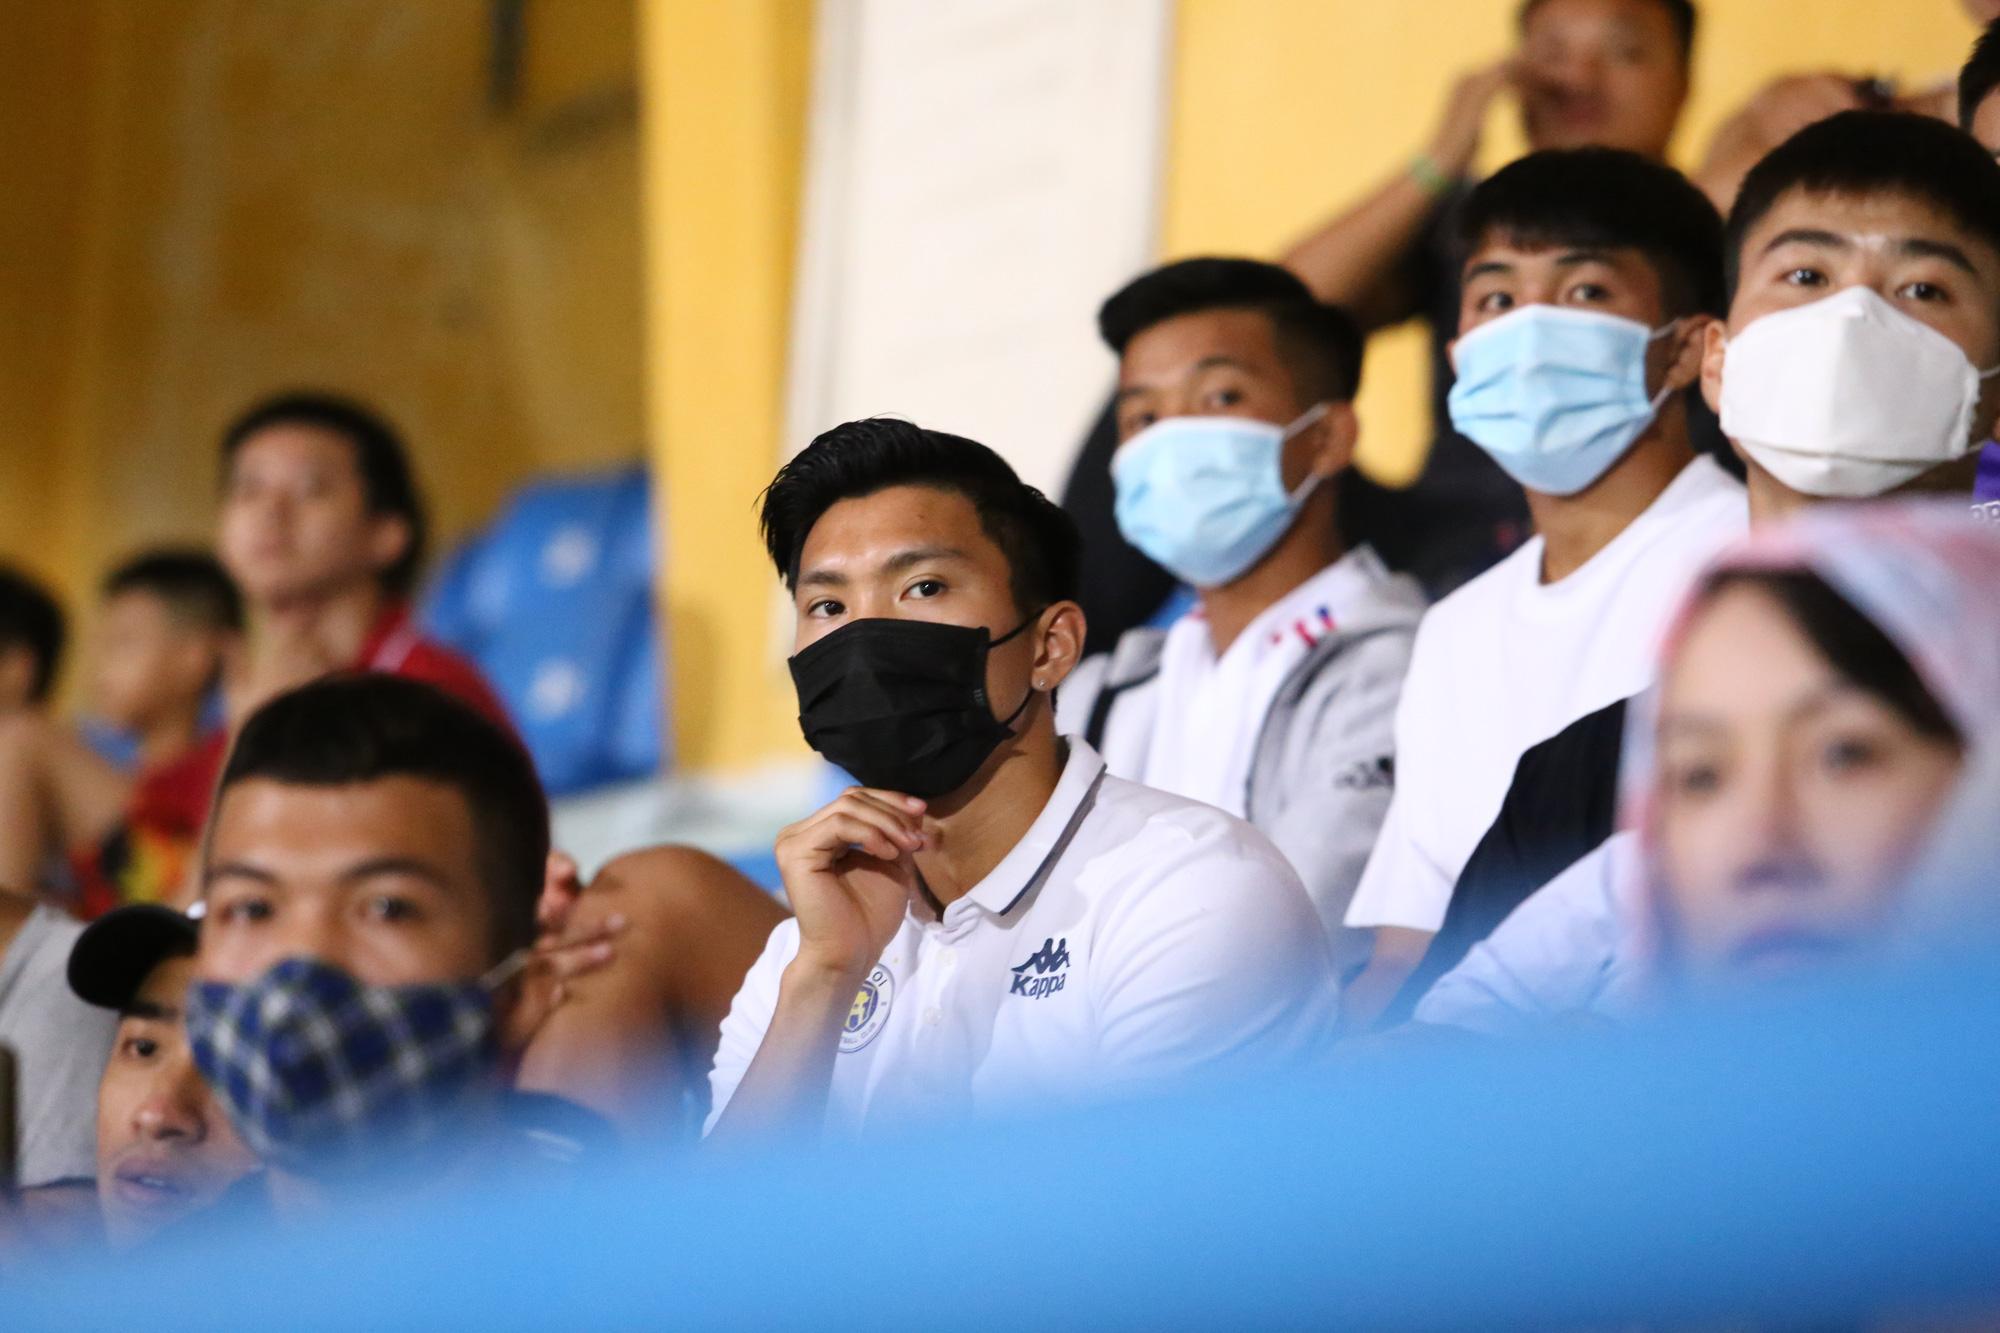 Huỳnh Anh đến sân cổ Quang Hải ghi siêu phẩm - Ảnh 3.